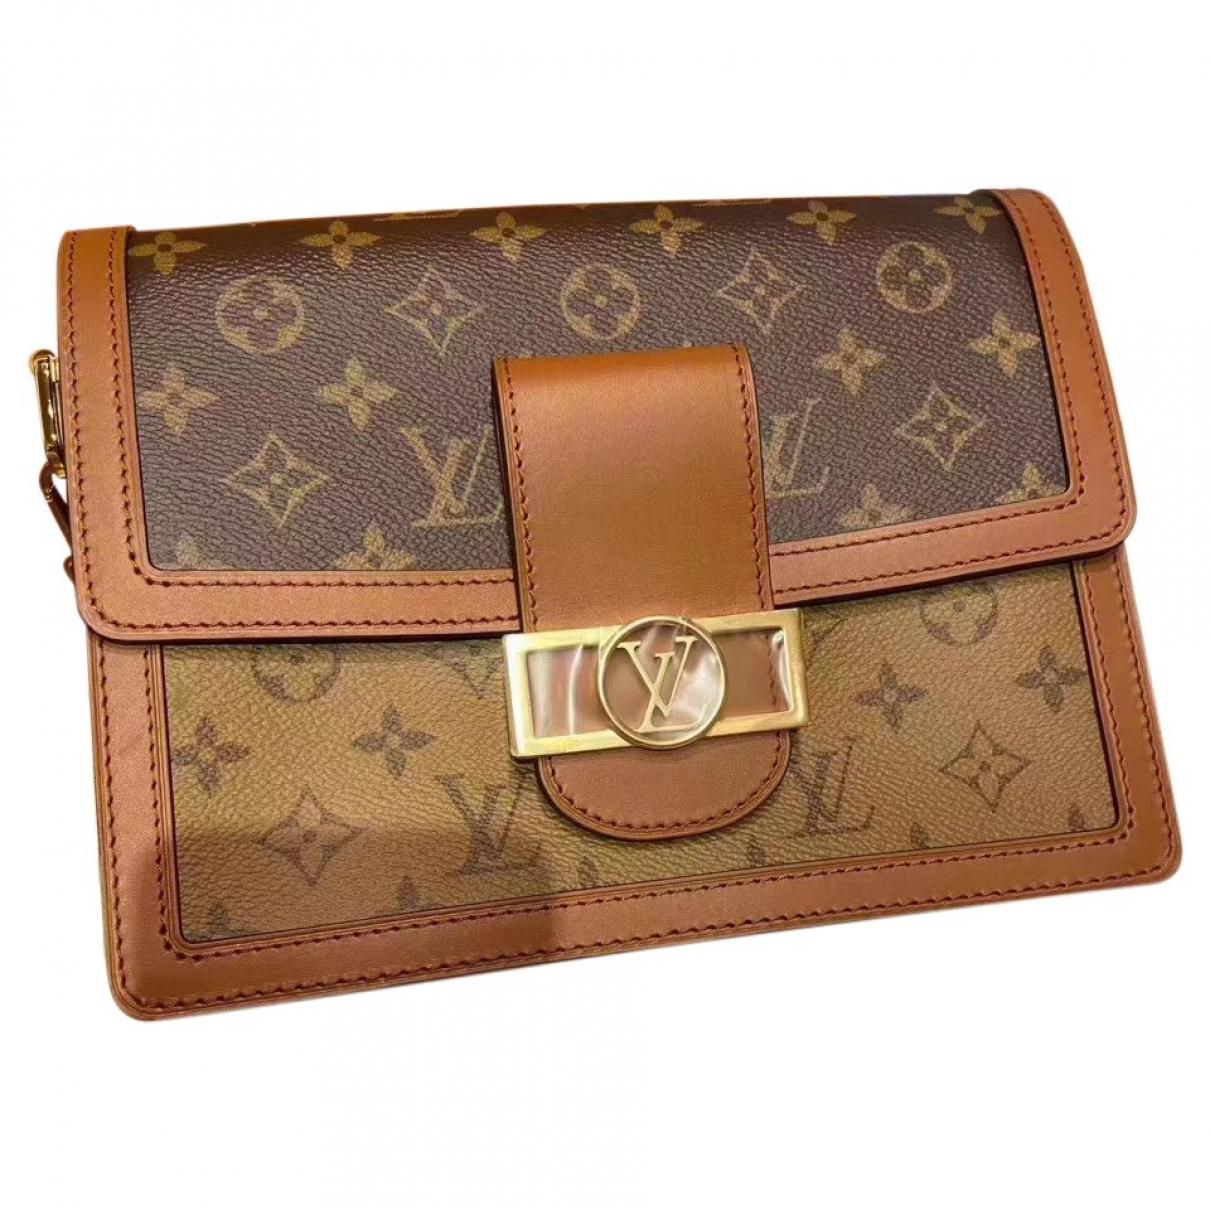 Louis Vuitton - Sac a main Dauphine MM pour femme en toile - marron